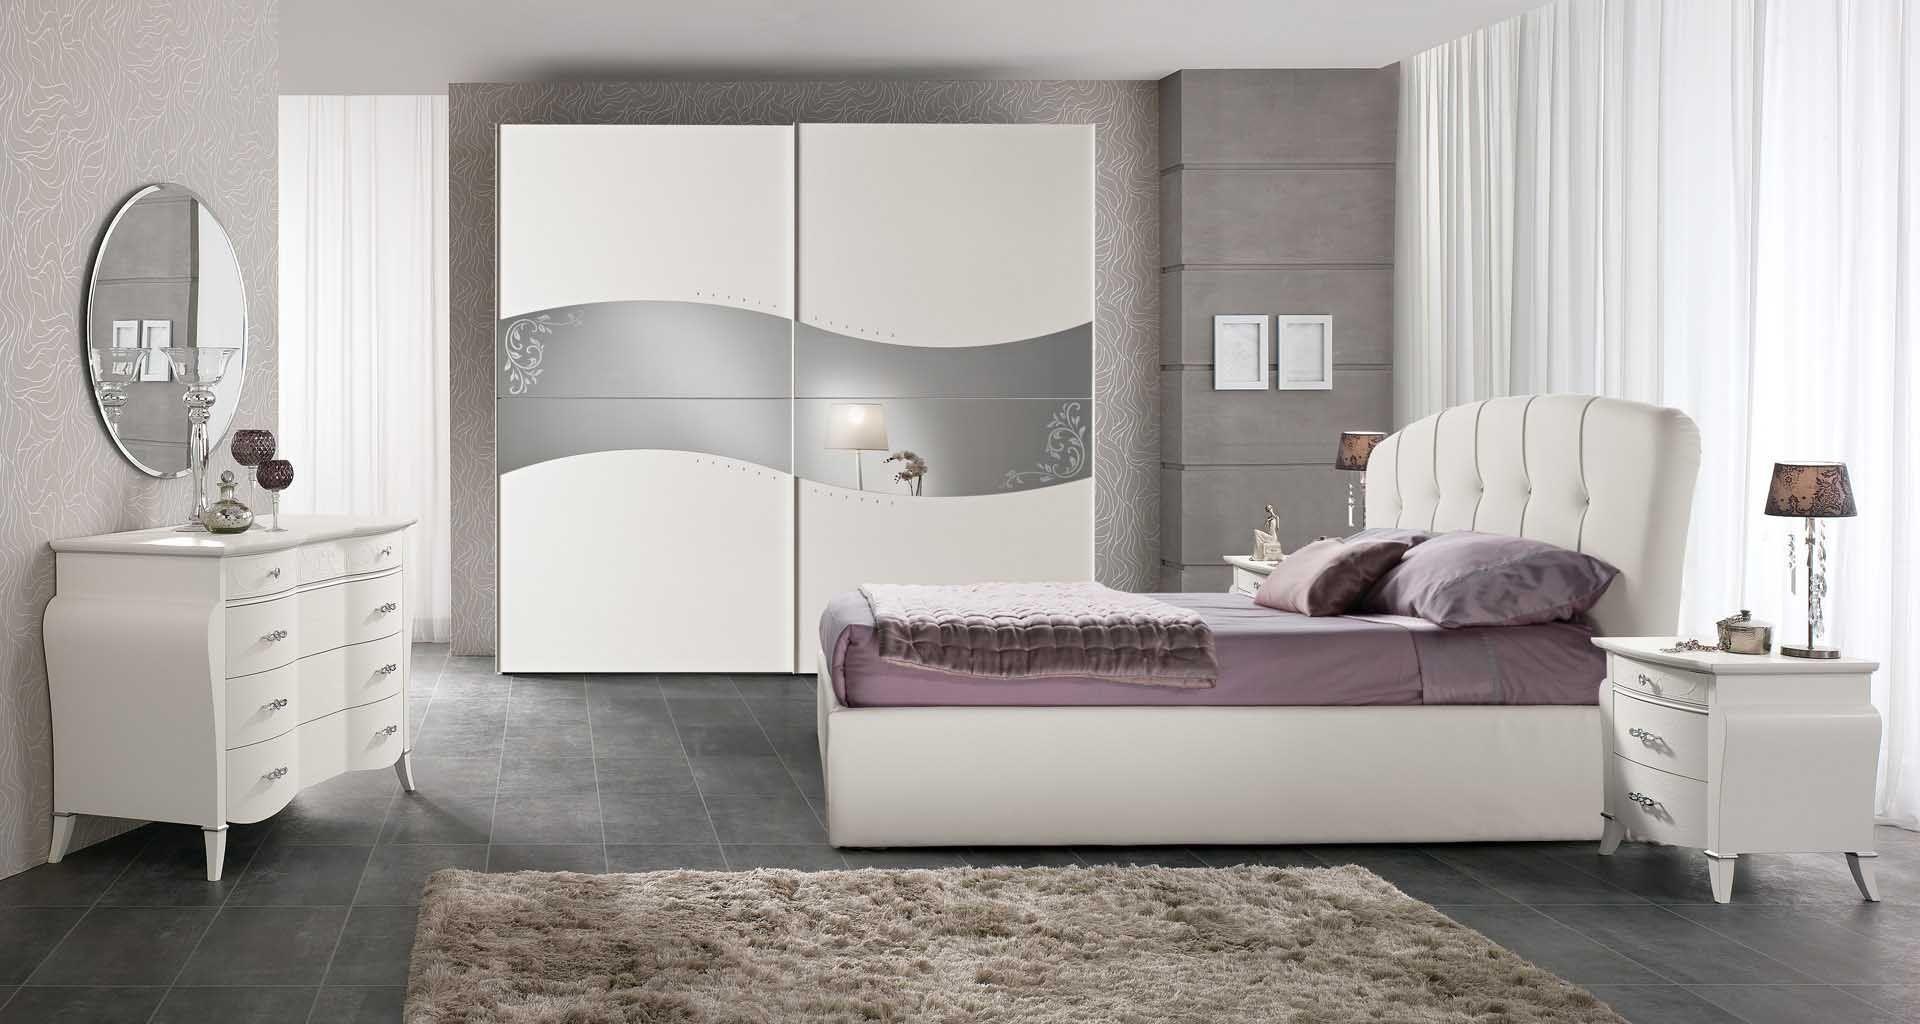 Arredamento Camera Da Letto Modello Prestige Spar Bed Furniture Design Bedroom Furniture Design Master Bedroom Design